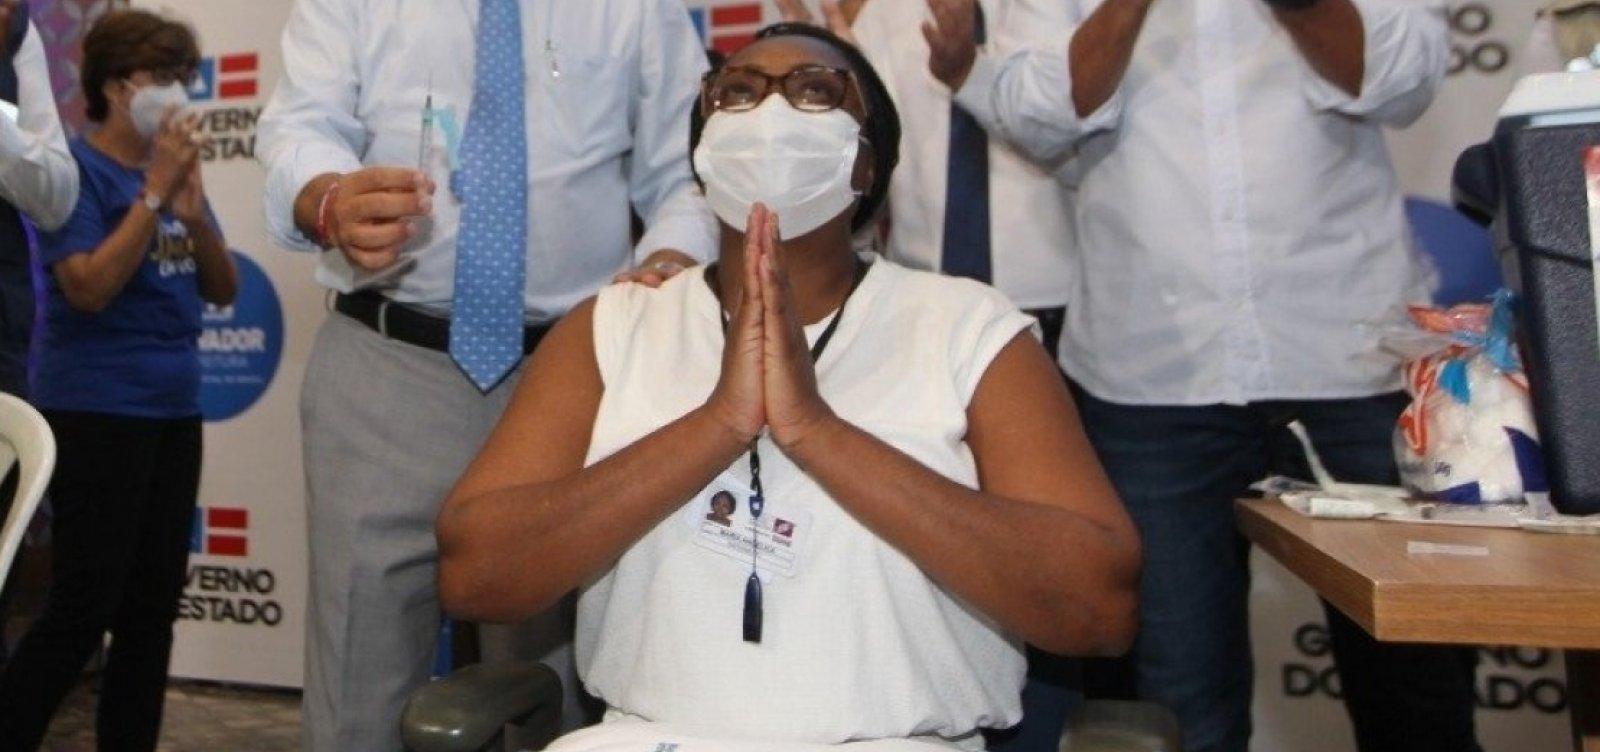 [Primeira vacinada contra Covid-19 na Bahia é diagnosticada com a doença antes de tomar segunda dose]